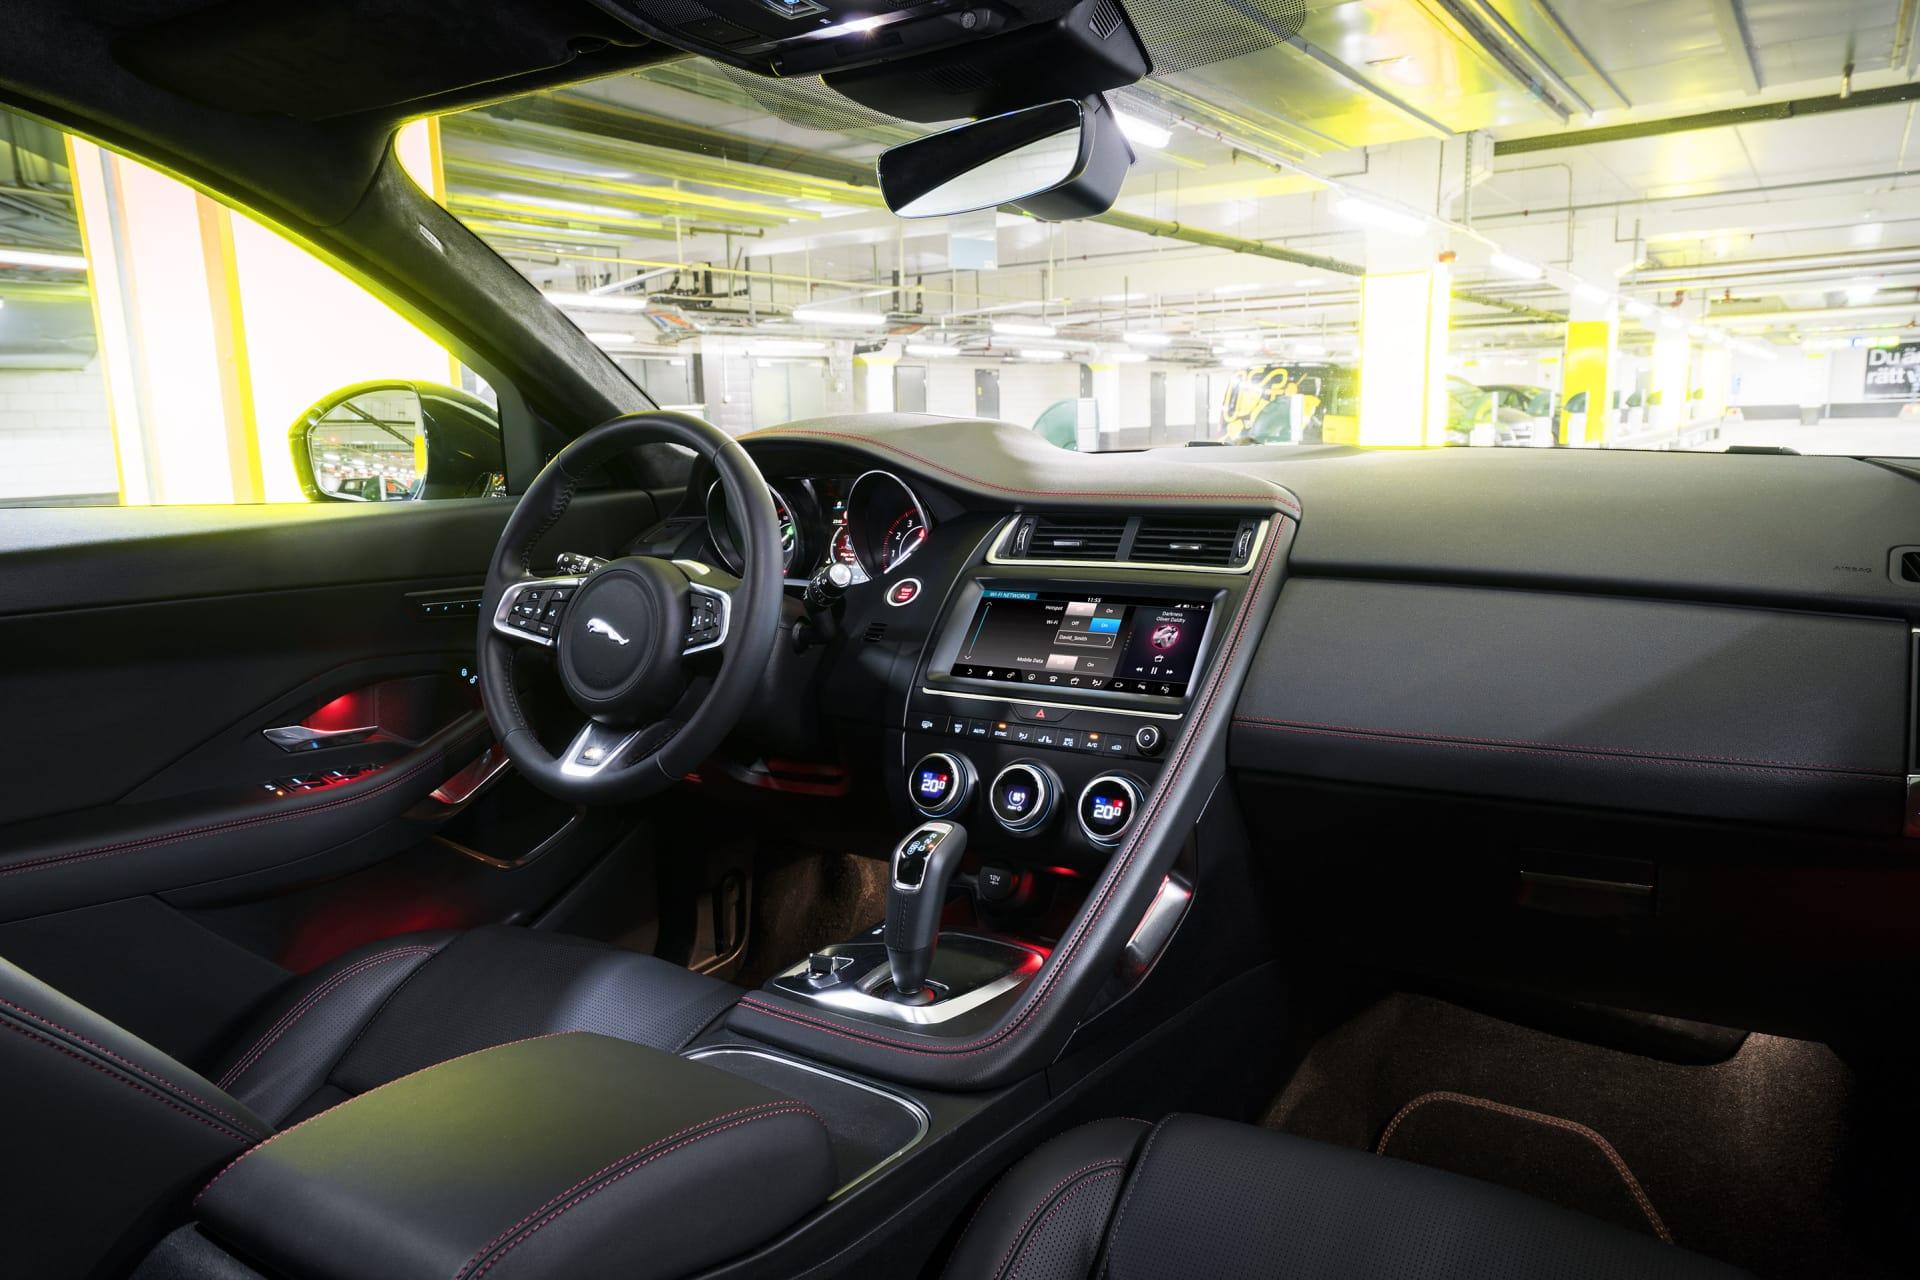 Röd ljus och röda sömmar ger en sportig och utmanande look i interiören. Ett bättre infotainmentsystem med Apple CarPlay hade kunnat önskas dock. Som tillval kan tak och dörrstolpar täckas med alcantara.